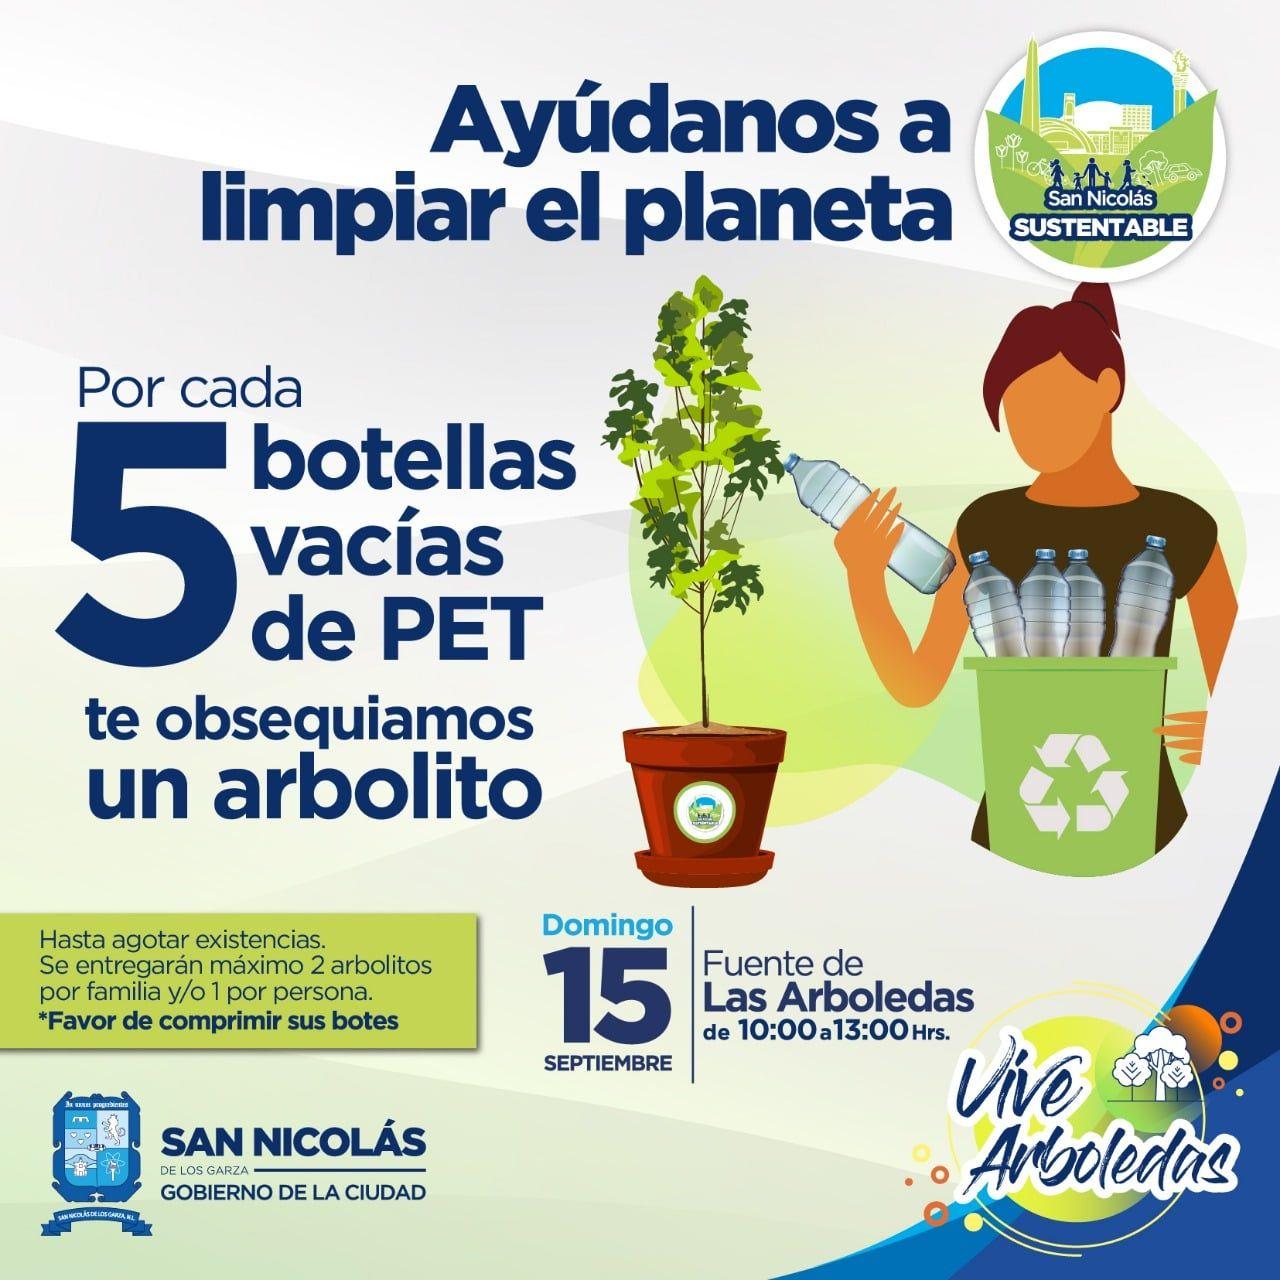 San Nicolás de los Garza Nuevo León: Cambia 5 botellas PET por un arbolito.